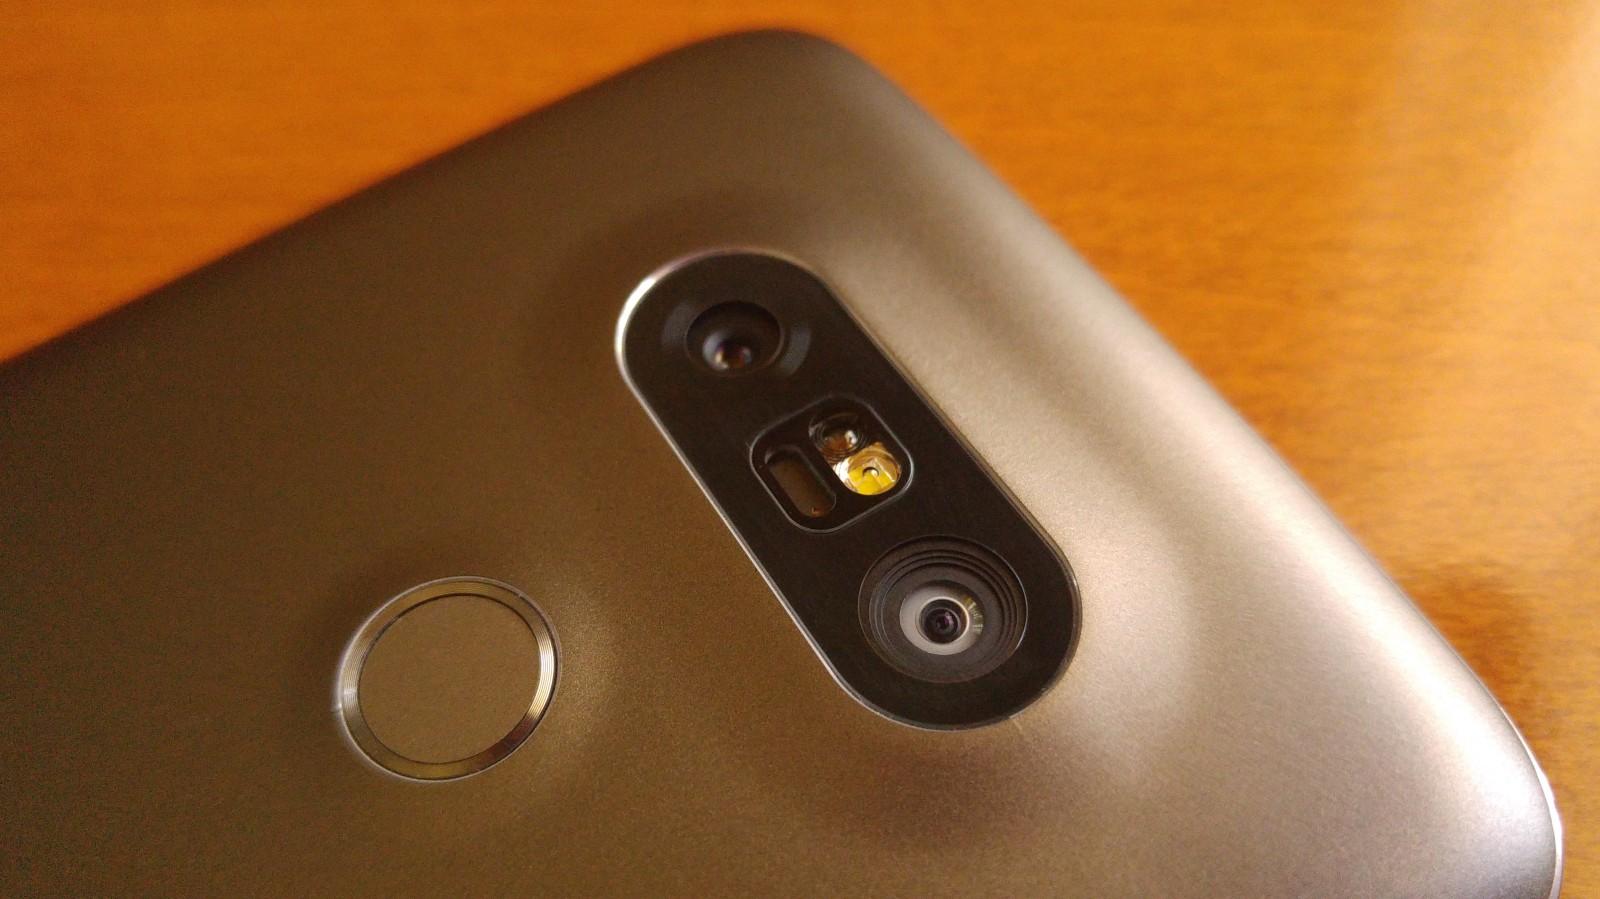 LG G5 rear cameras